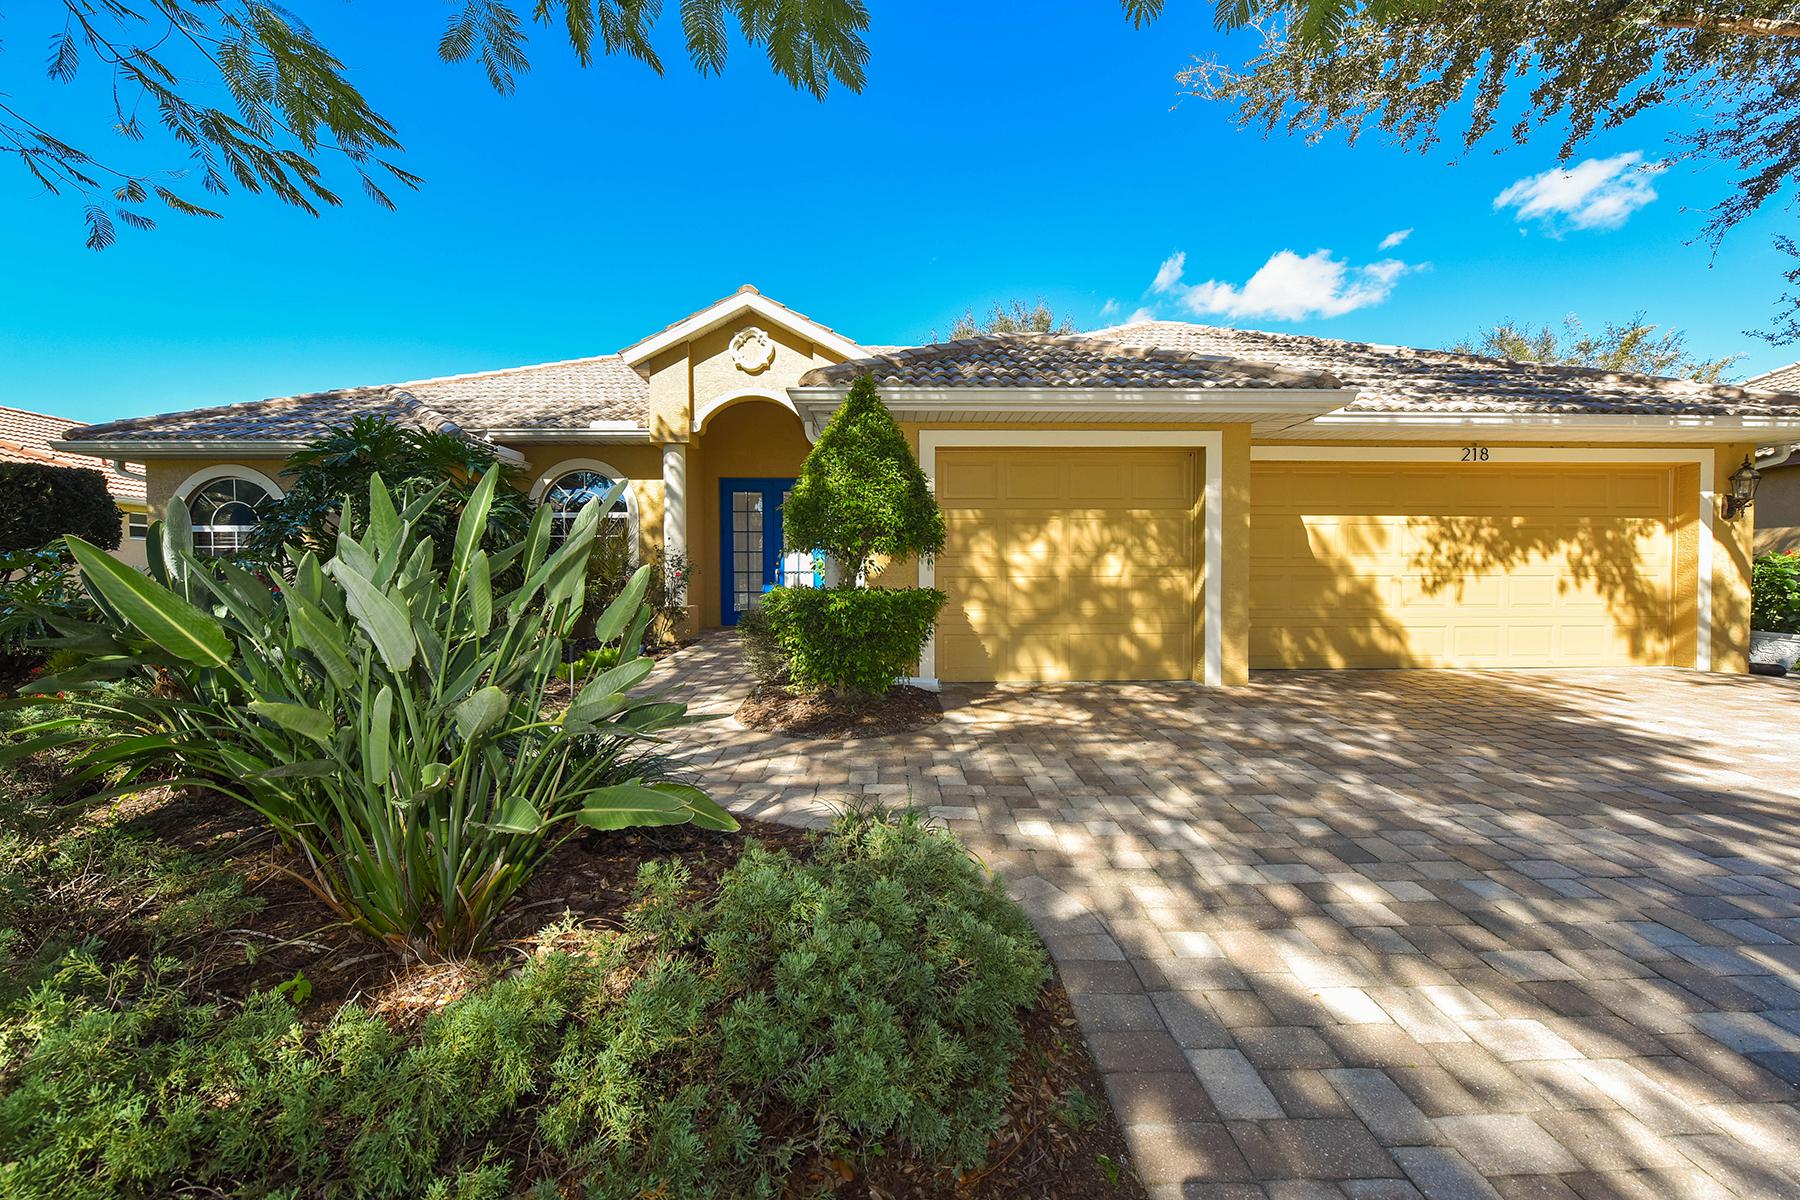 Maison unifamiliale pour l Vente à PARK TRACE ESTATES 218 Willow Bend Way Osprey, Florida, 34229 États-Unis